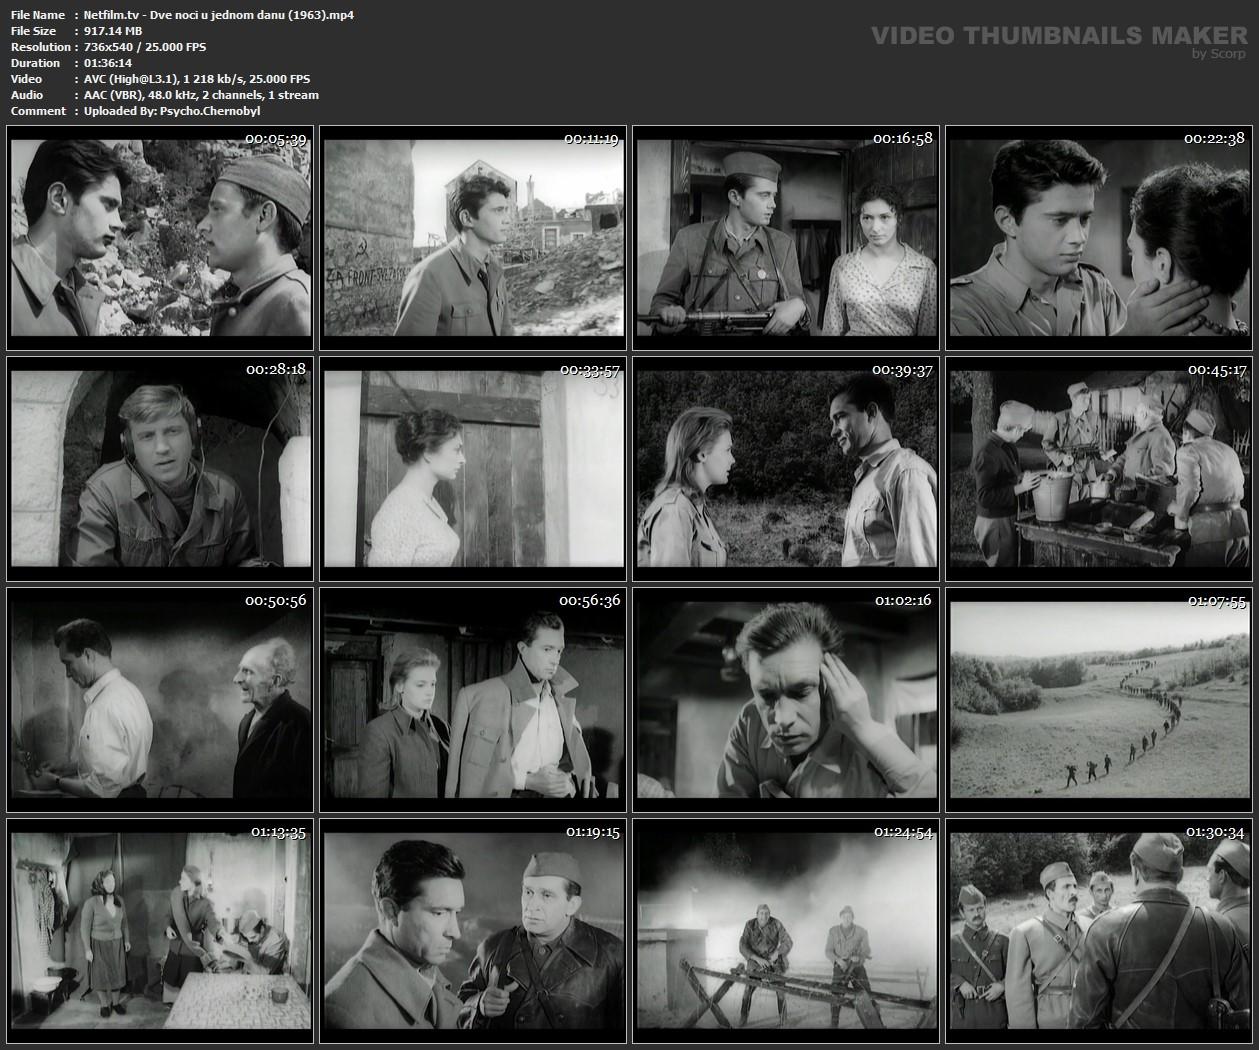 Netfilm-tv-Dve-noci-u-jednom-danu-1963-m